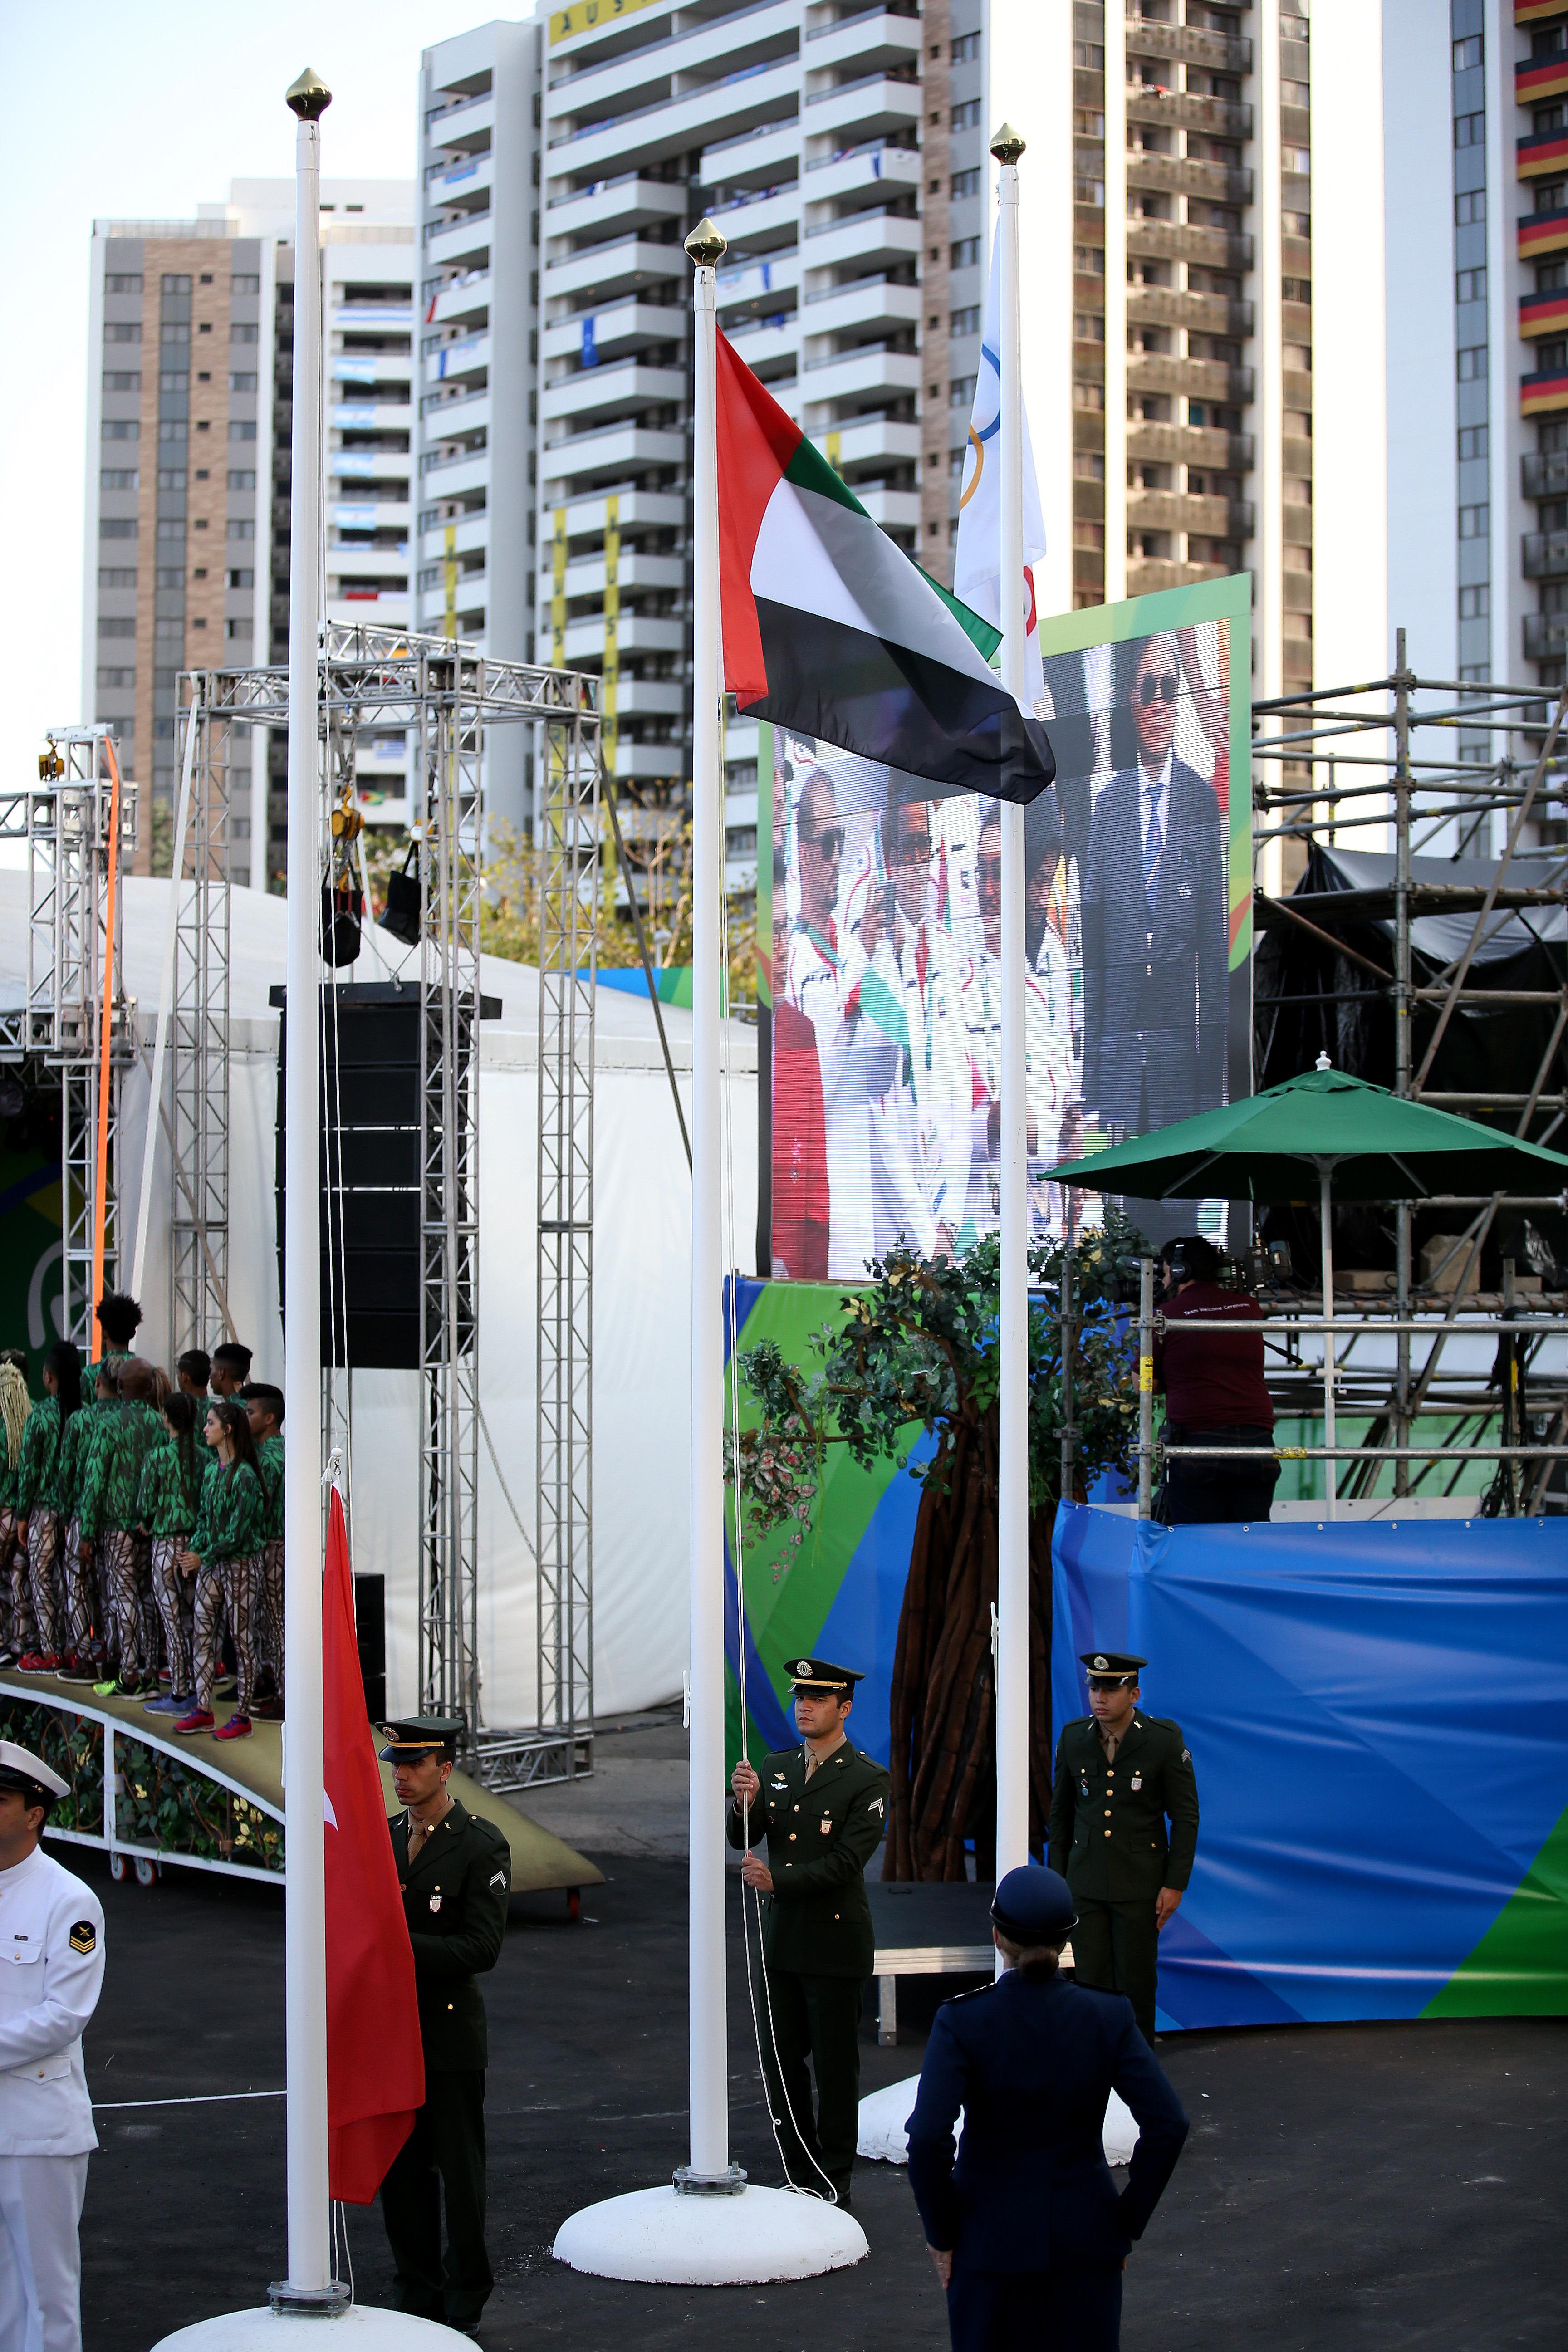 علم الإمارات يرفرف في سماء القرية الأولمبية في البرازيل